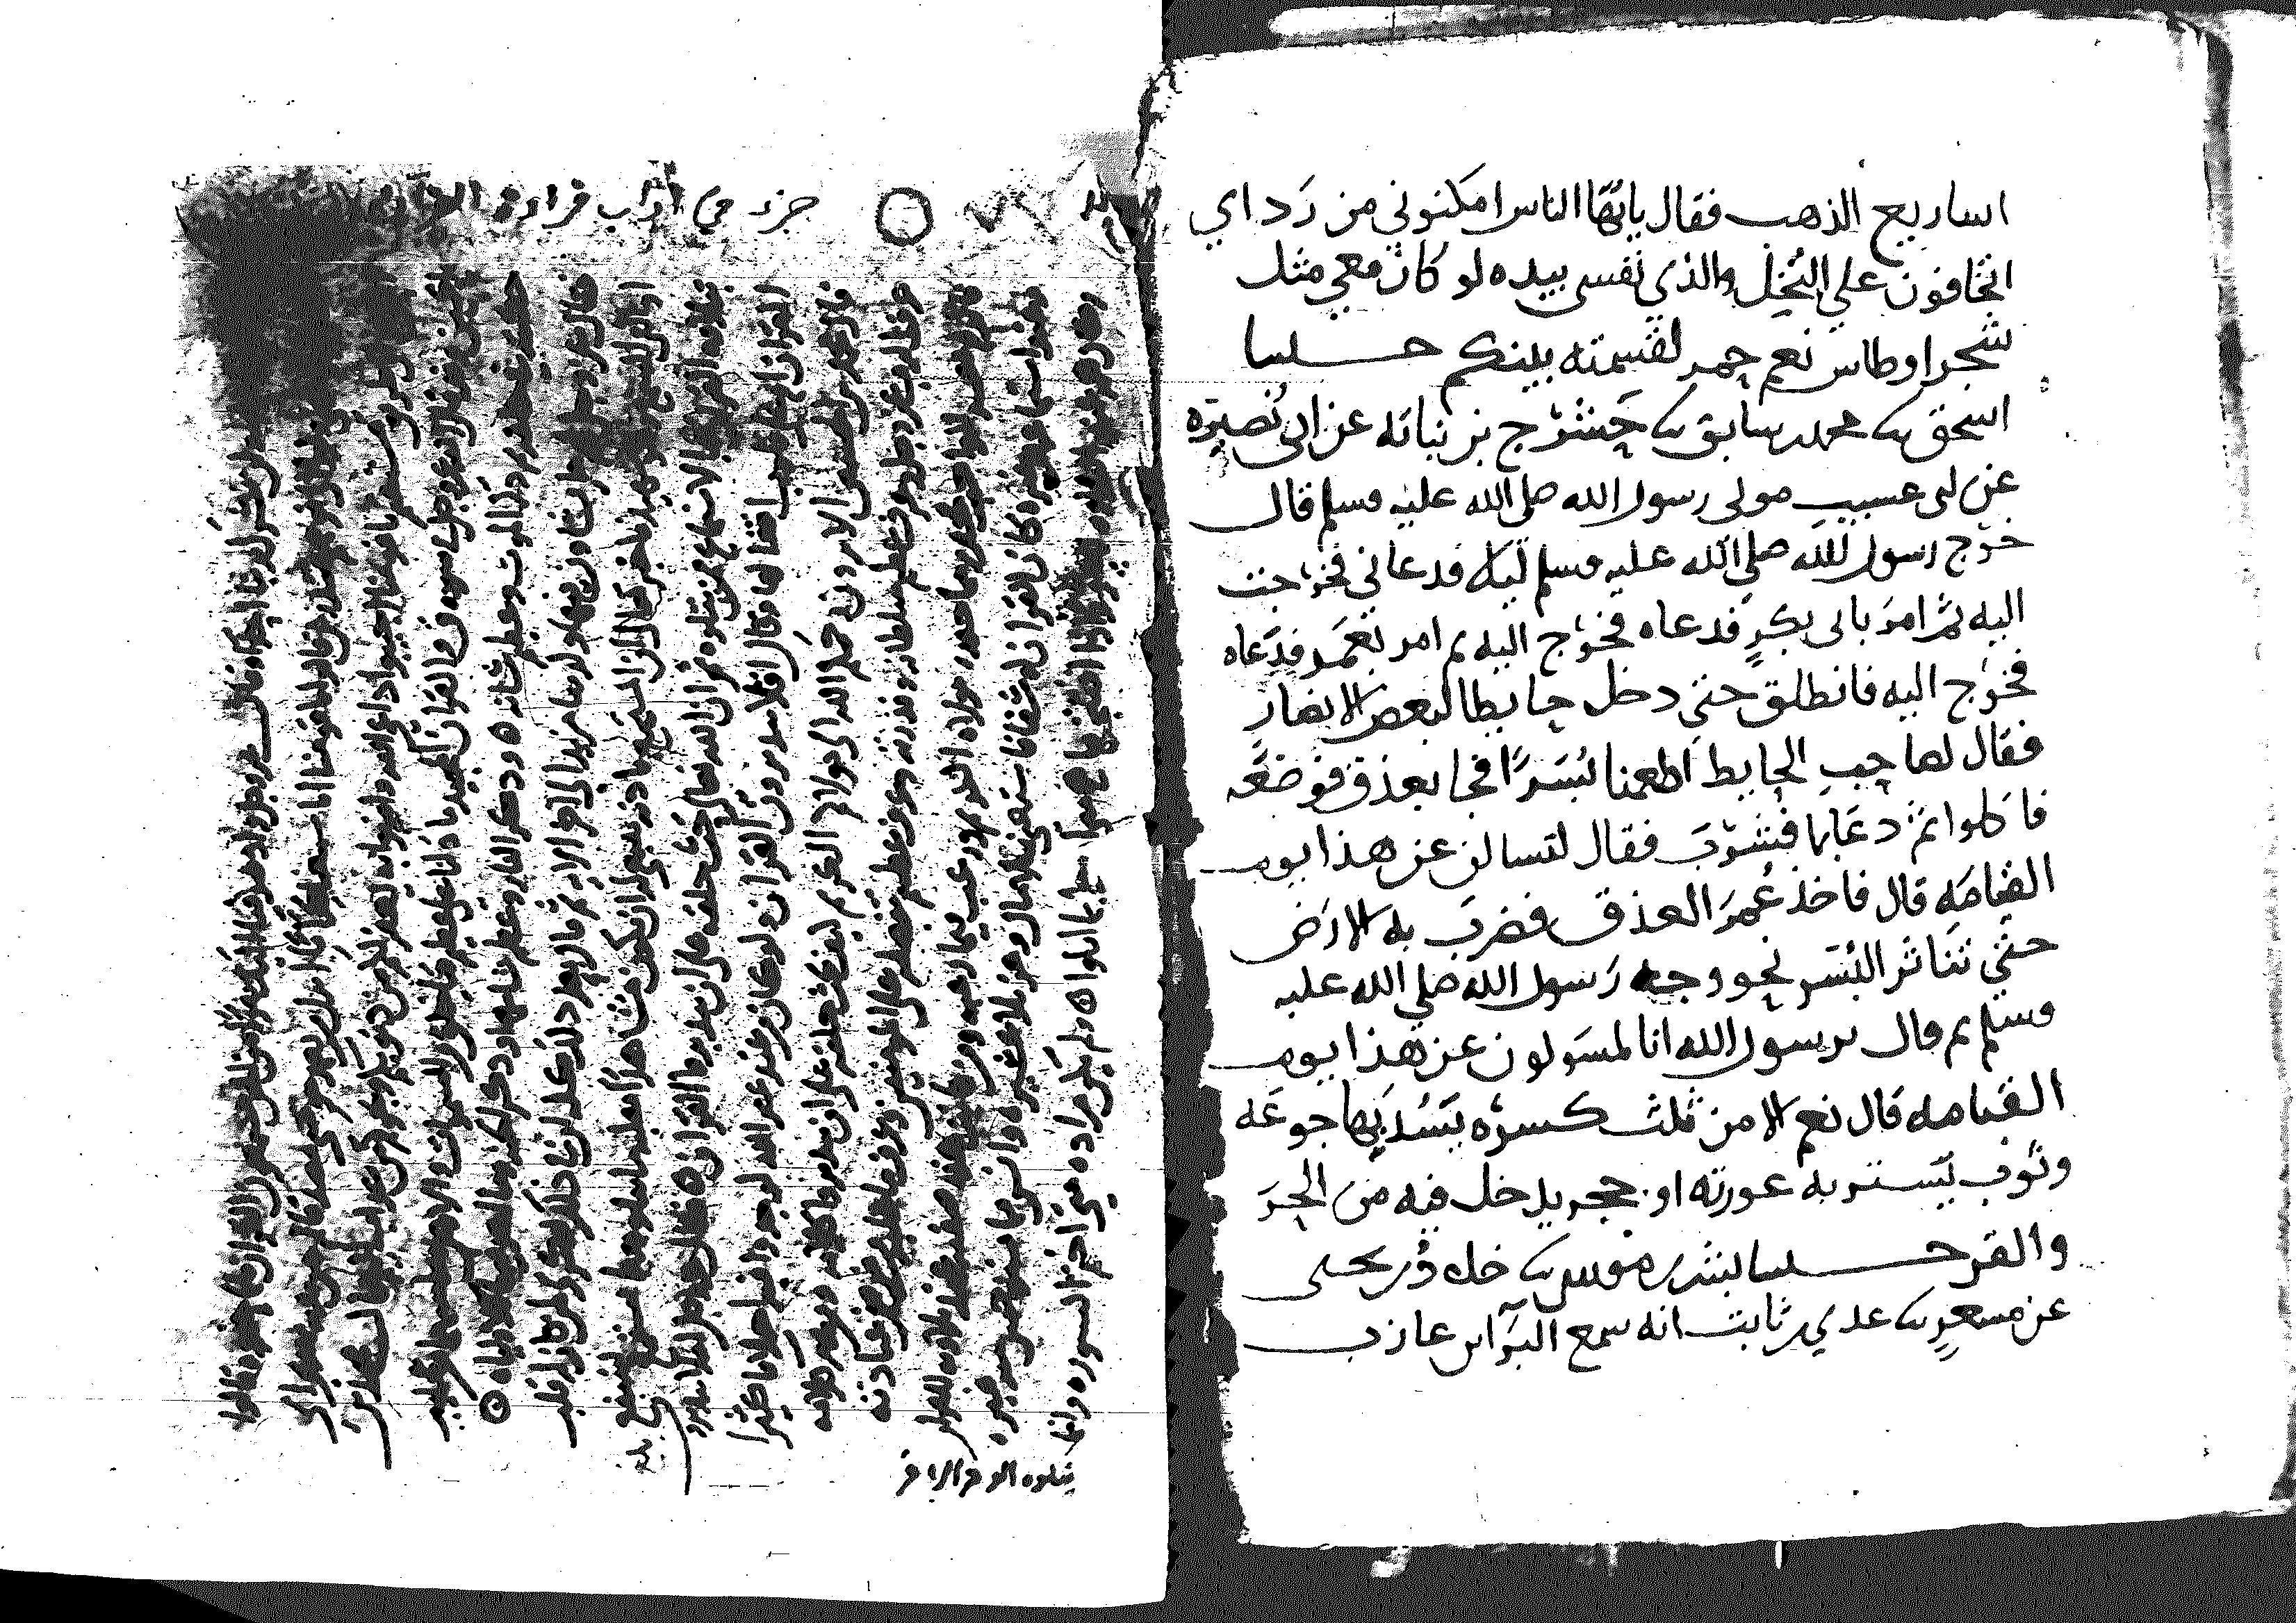 آداب حملة القرآن (نسخة أولى) - الآجري - أبو بكر محمد بن الحسين بن عبد الله الآجري البغدادي (ت 360)